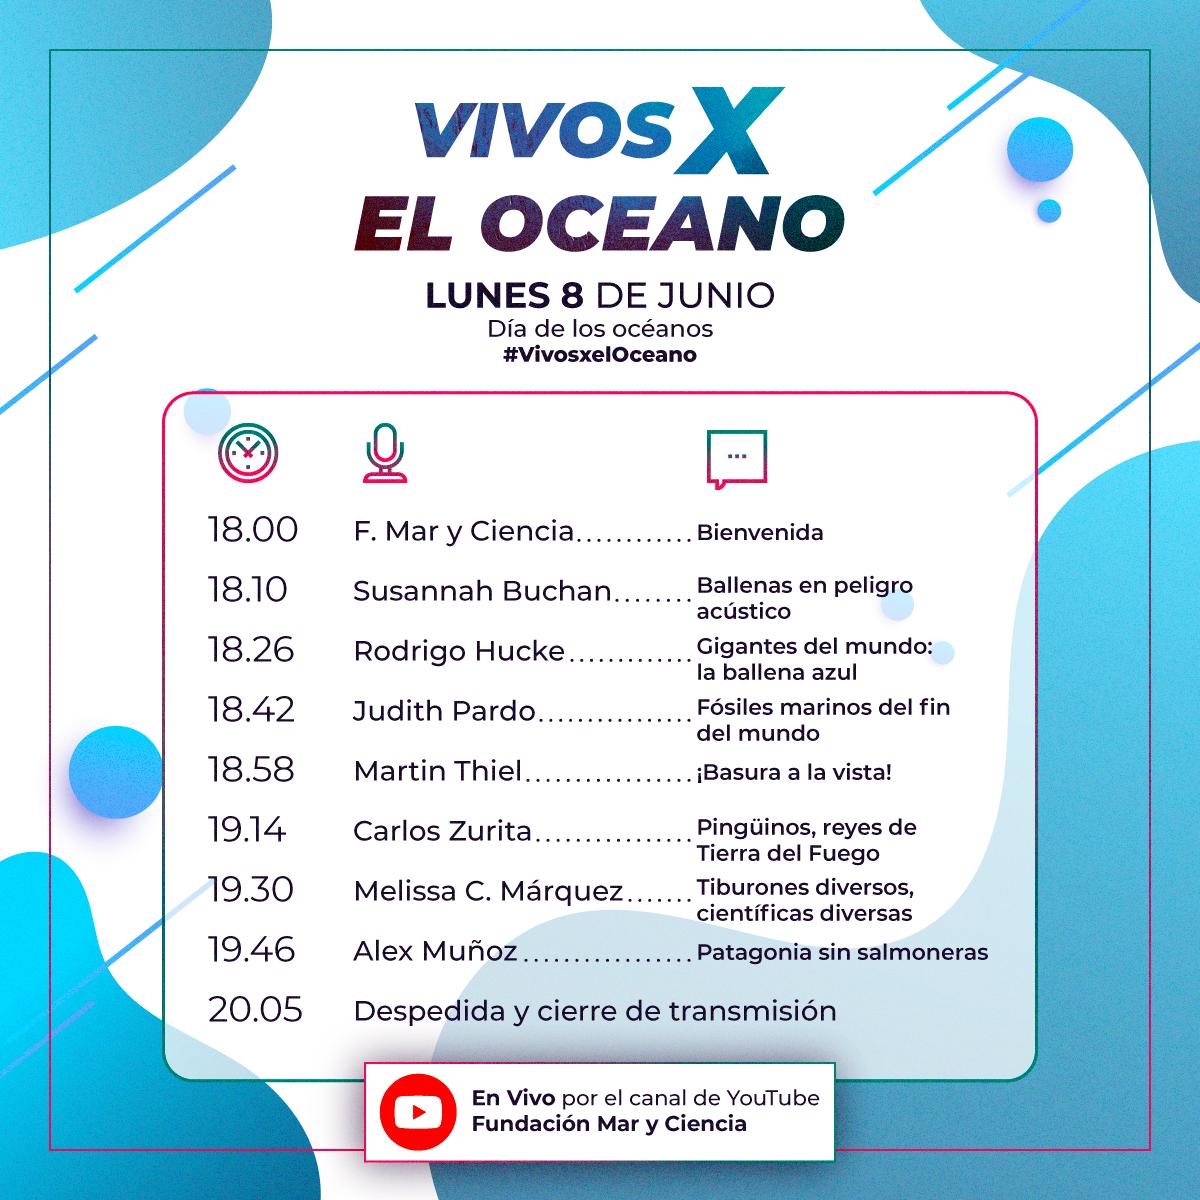 Vivos x el océano - online